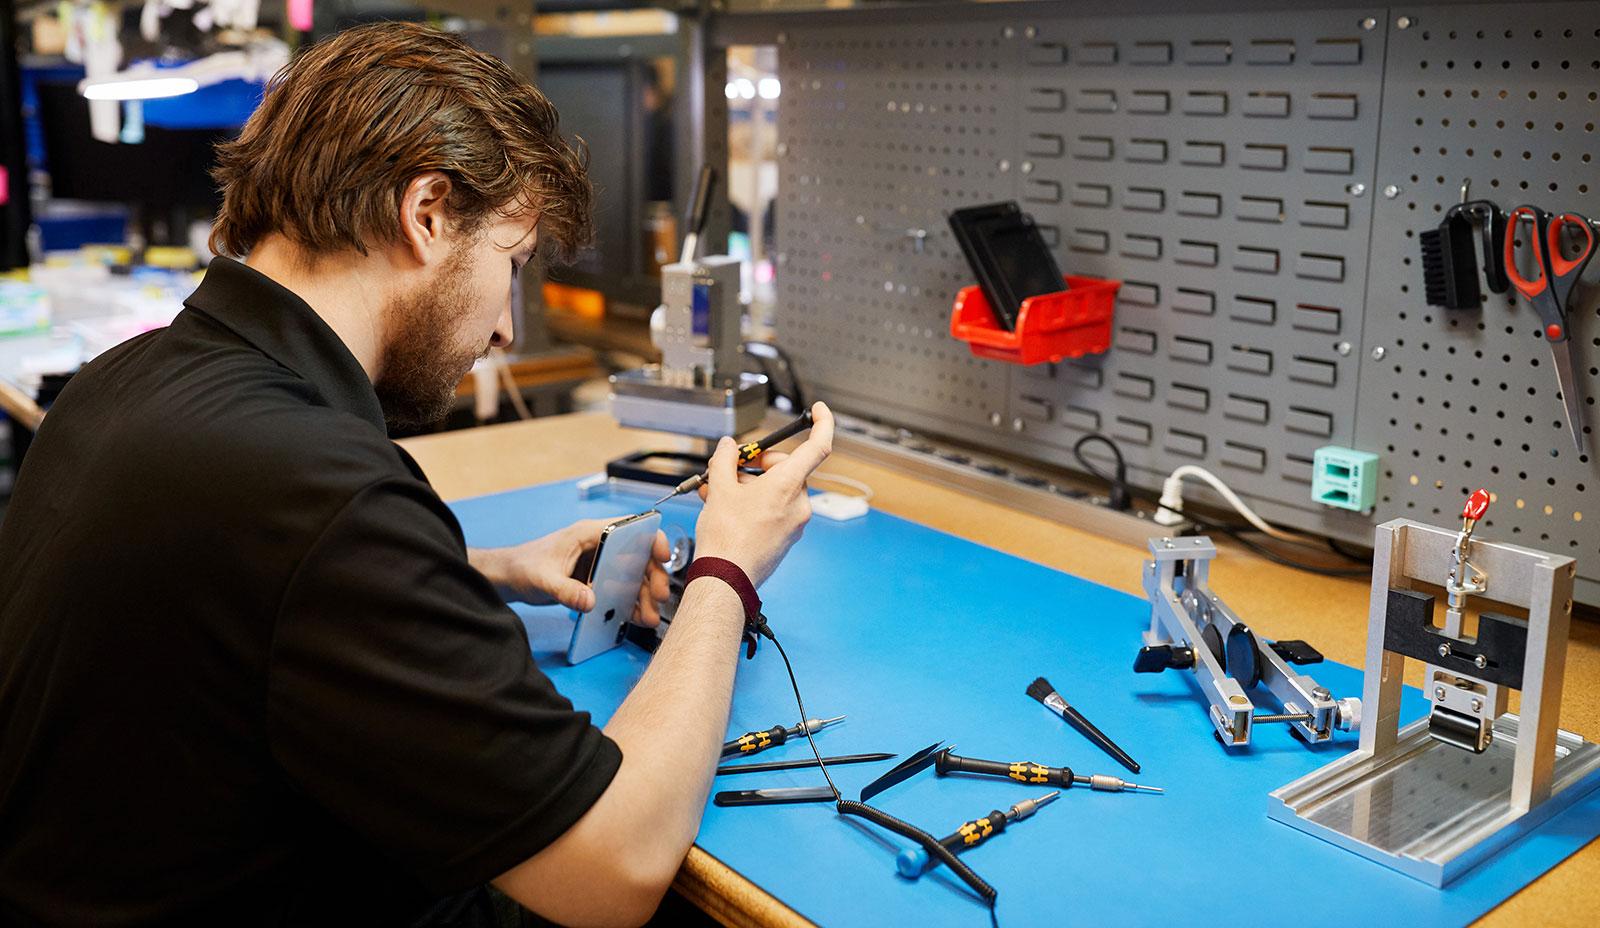 Reparando un iPhone en un centro ajeno a Apple, pero autorizado